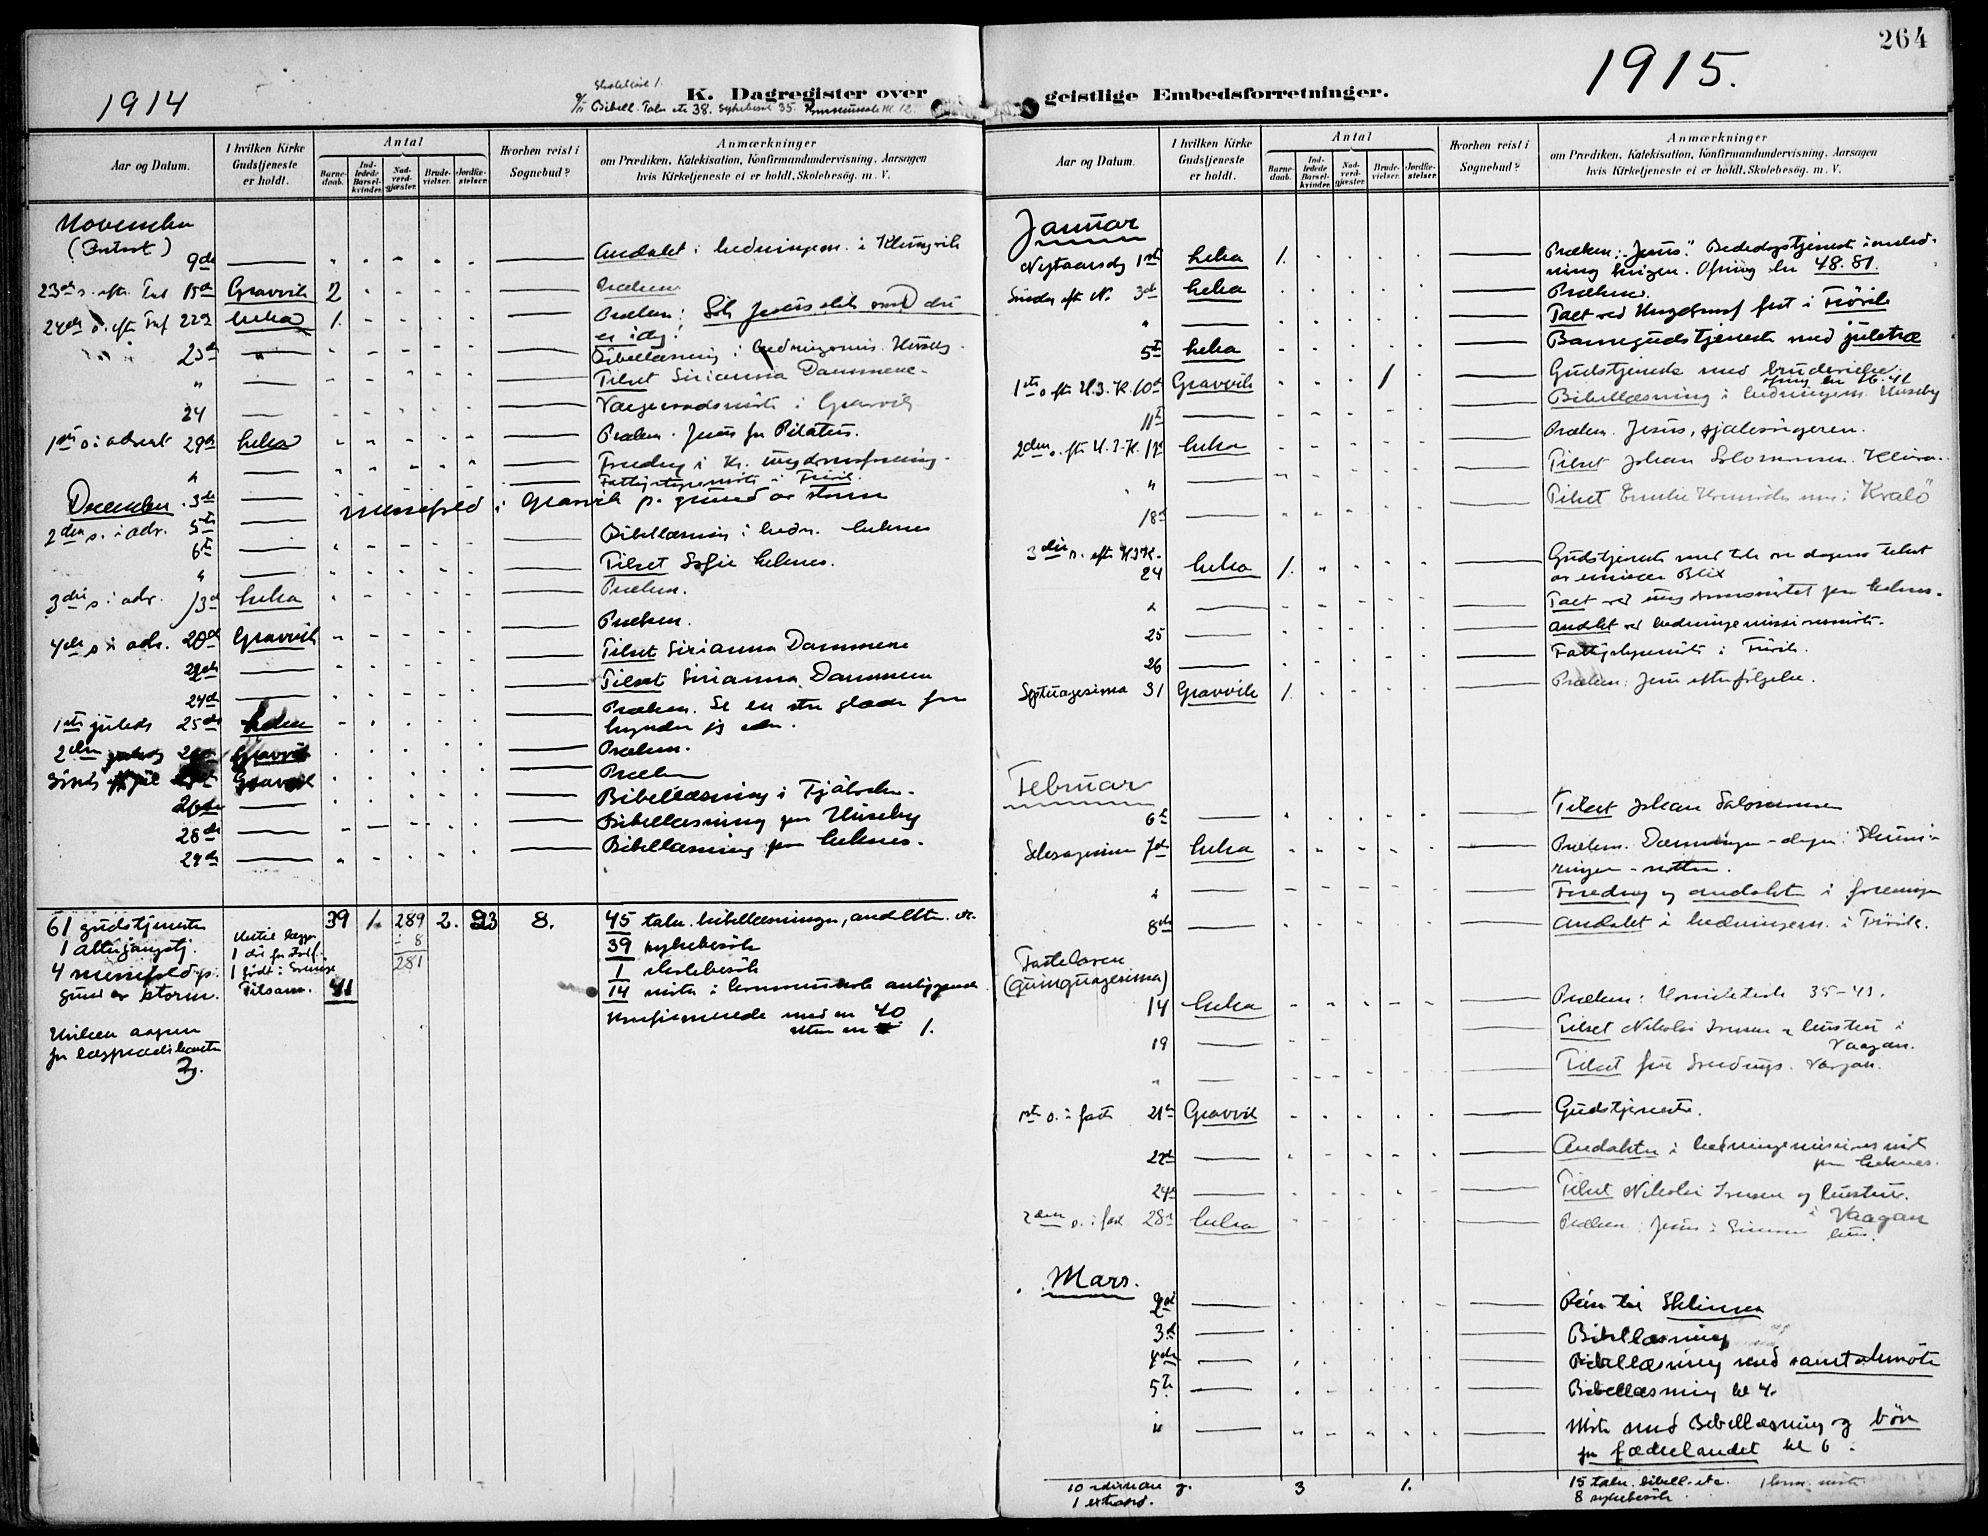 SAT, Ministerialprotokoller, klokkerbøker og fødselsregistre - Nord-Trøndelag, 788/L0698: Ministerialbok nr. 788A05, 1902-1921, s. 264